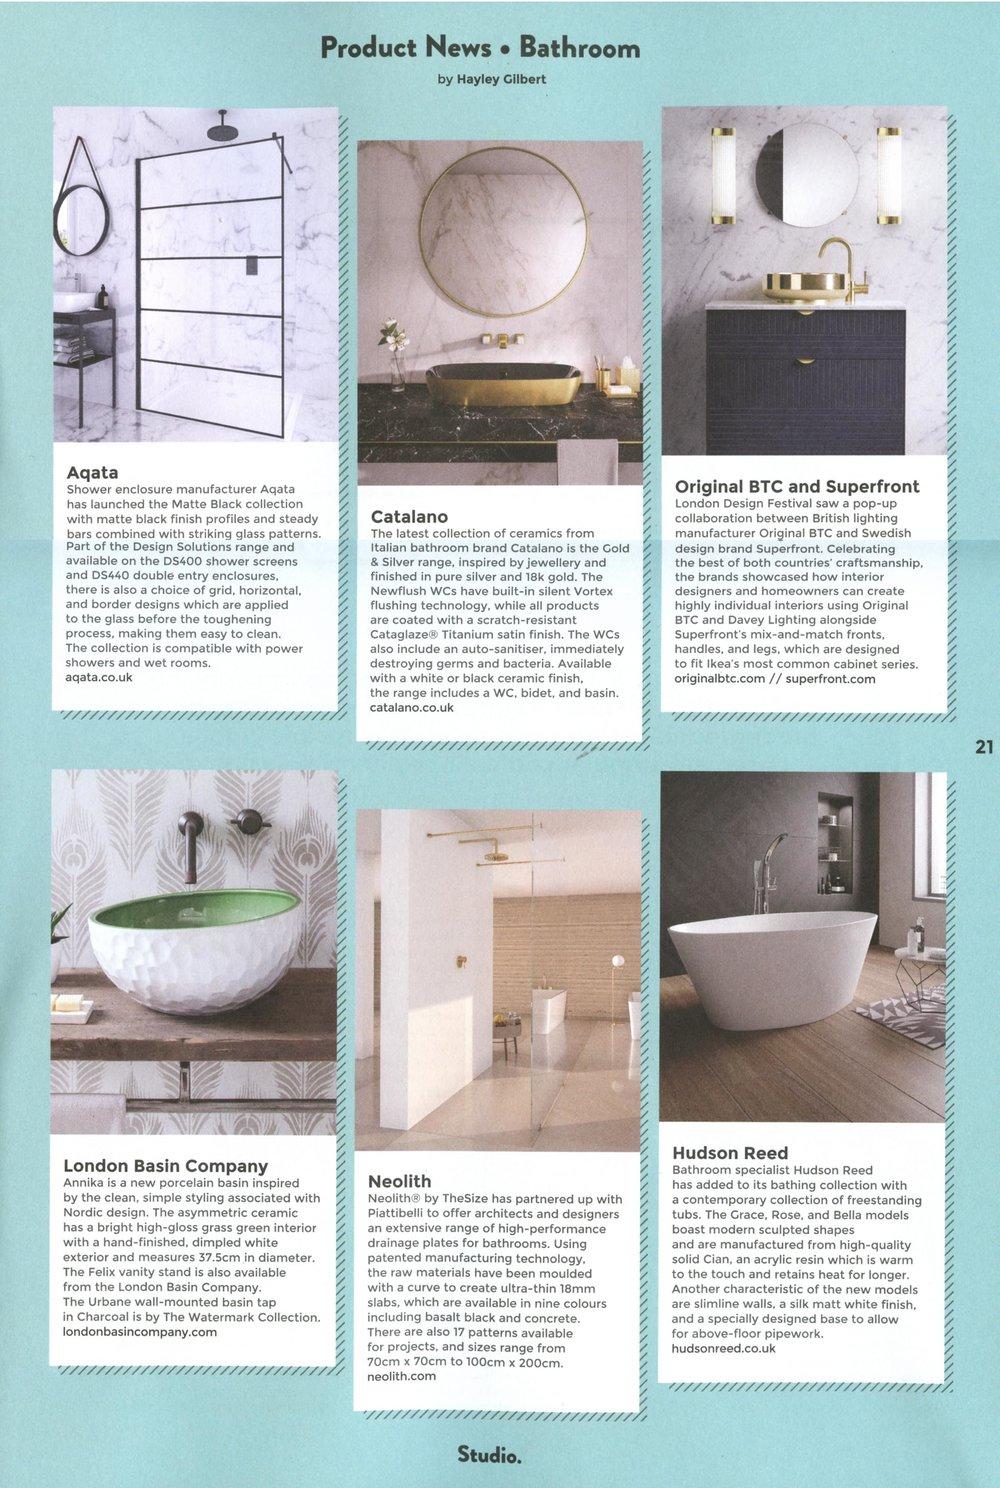 Utopia Kitchen & Bathroom October 2018 LBC.jpg